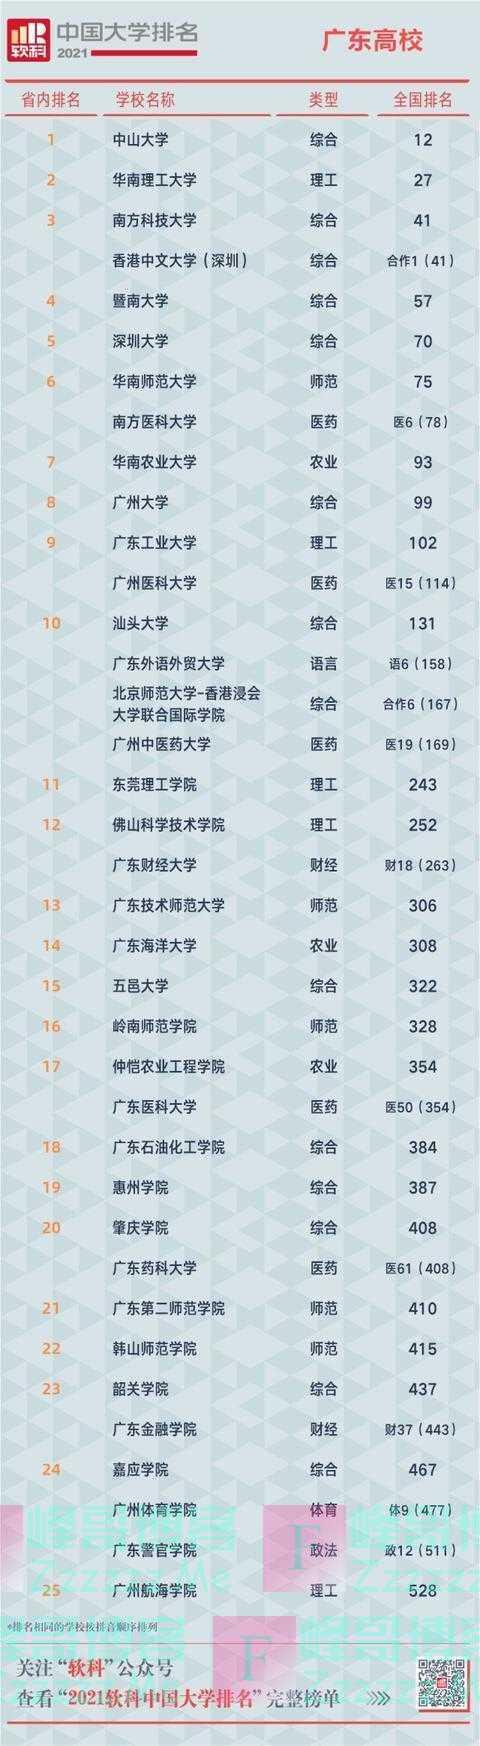 最新!中国大学排名广东8所大学跻身百强